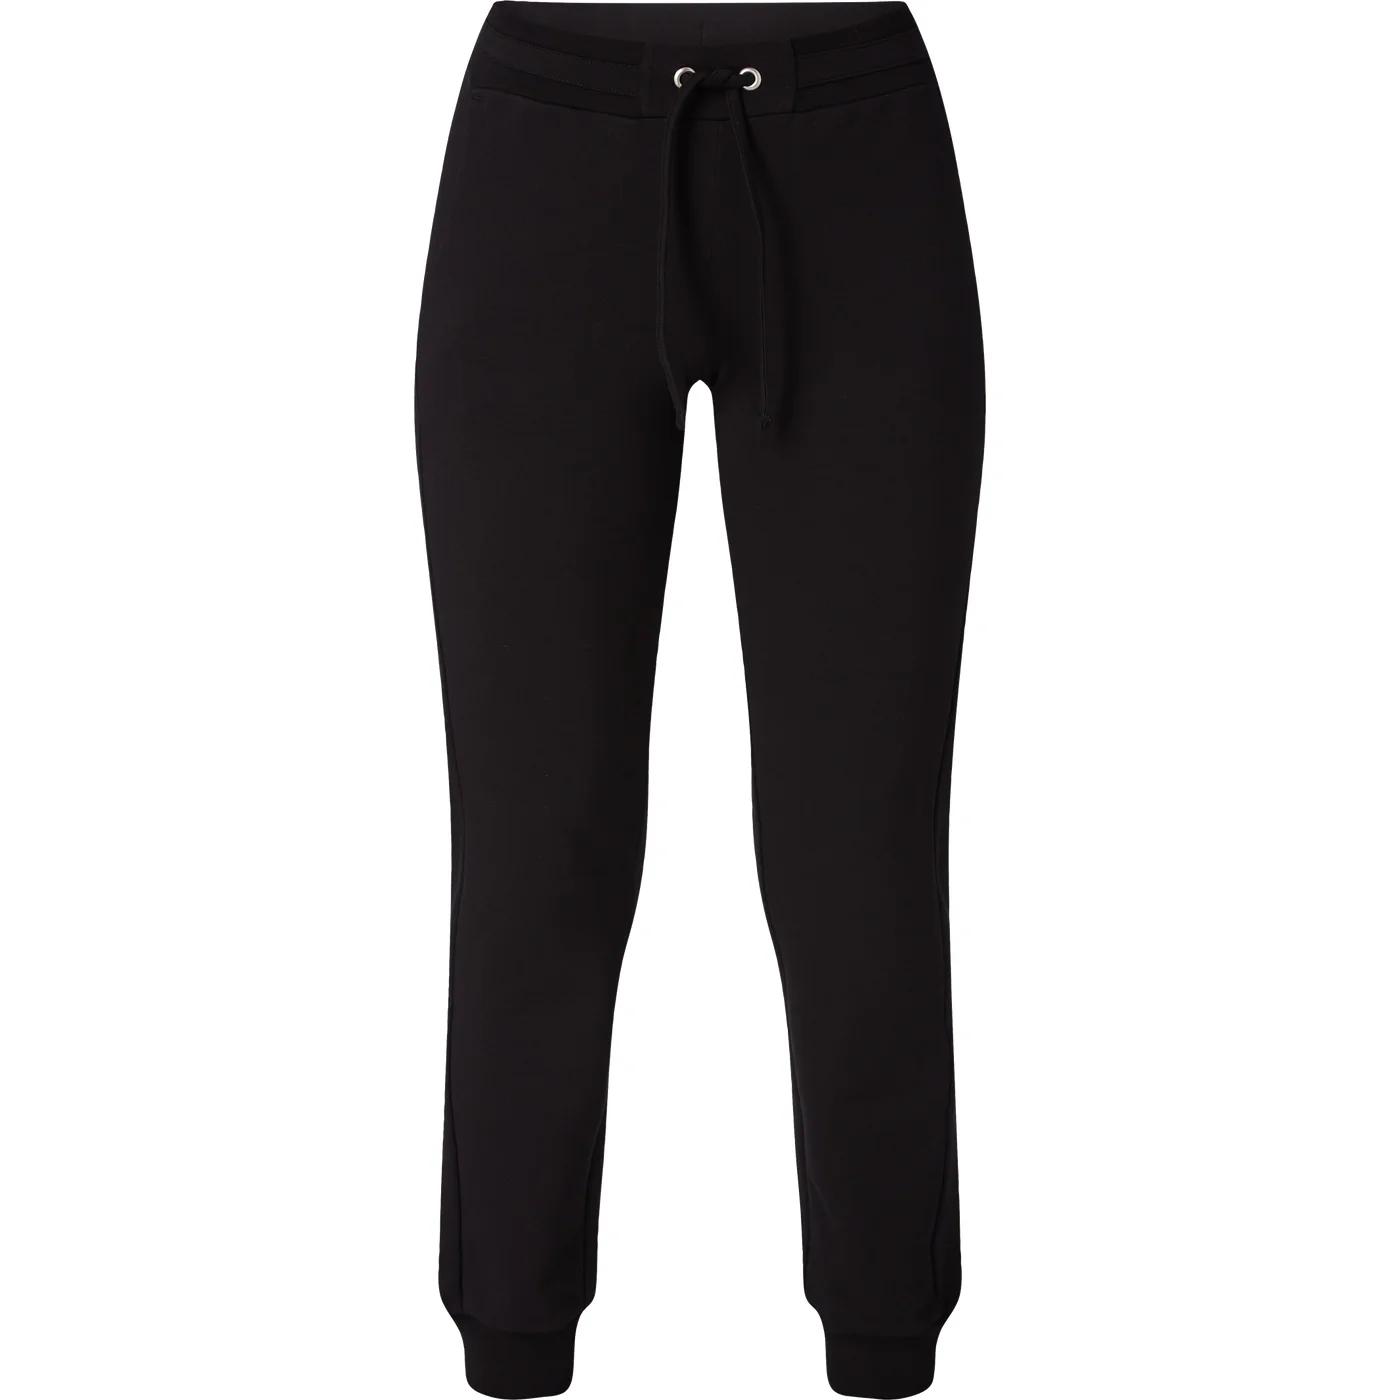 Foto de ENERGETICS Marianne Pantalon para Mujer - Talla Pequeña - black